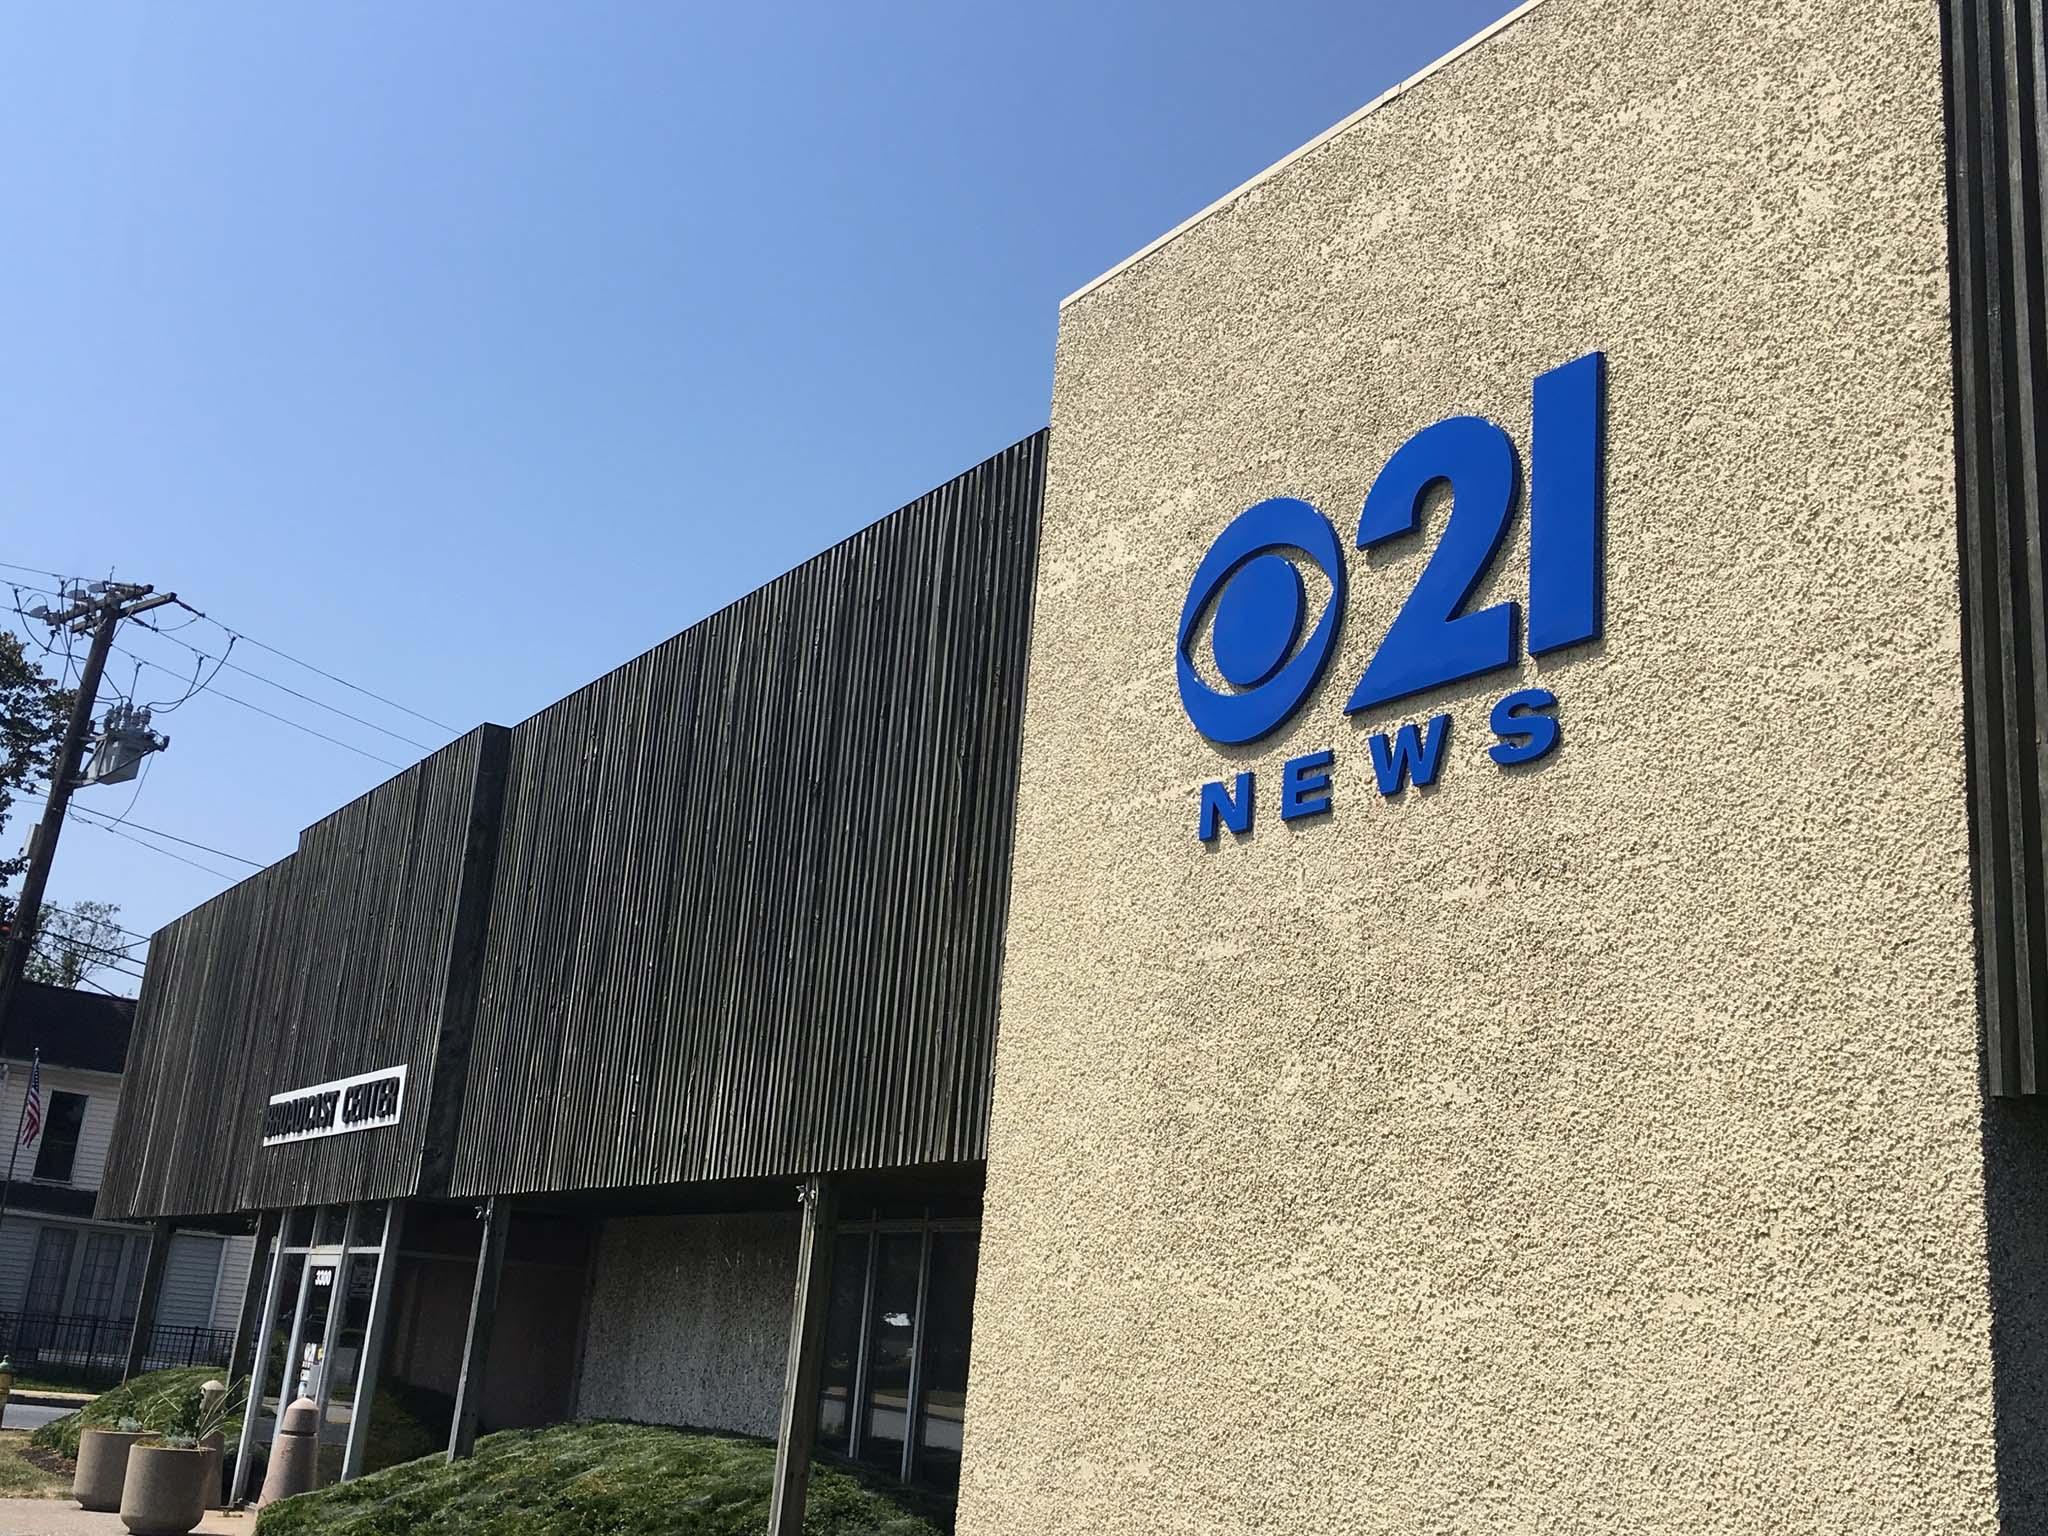 CBS 21 News Studio Building